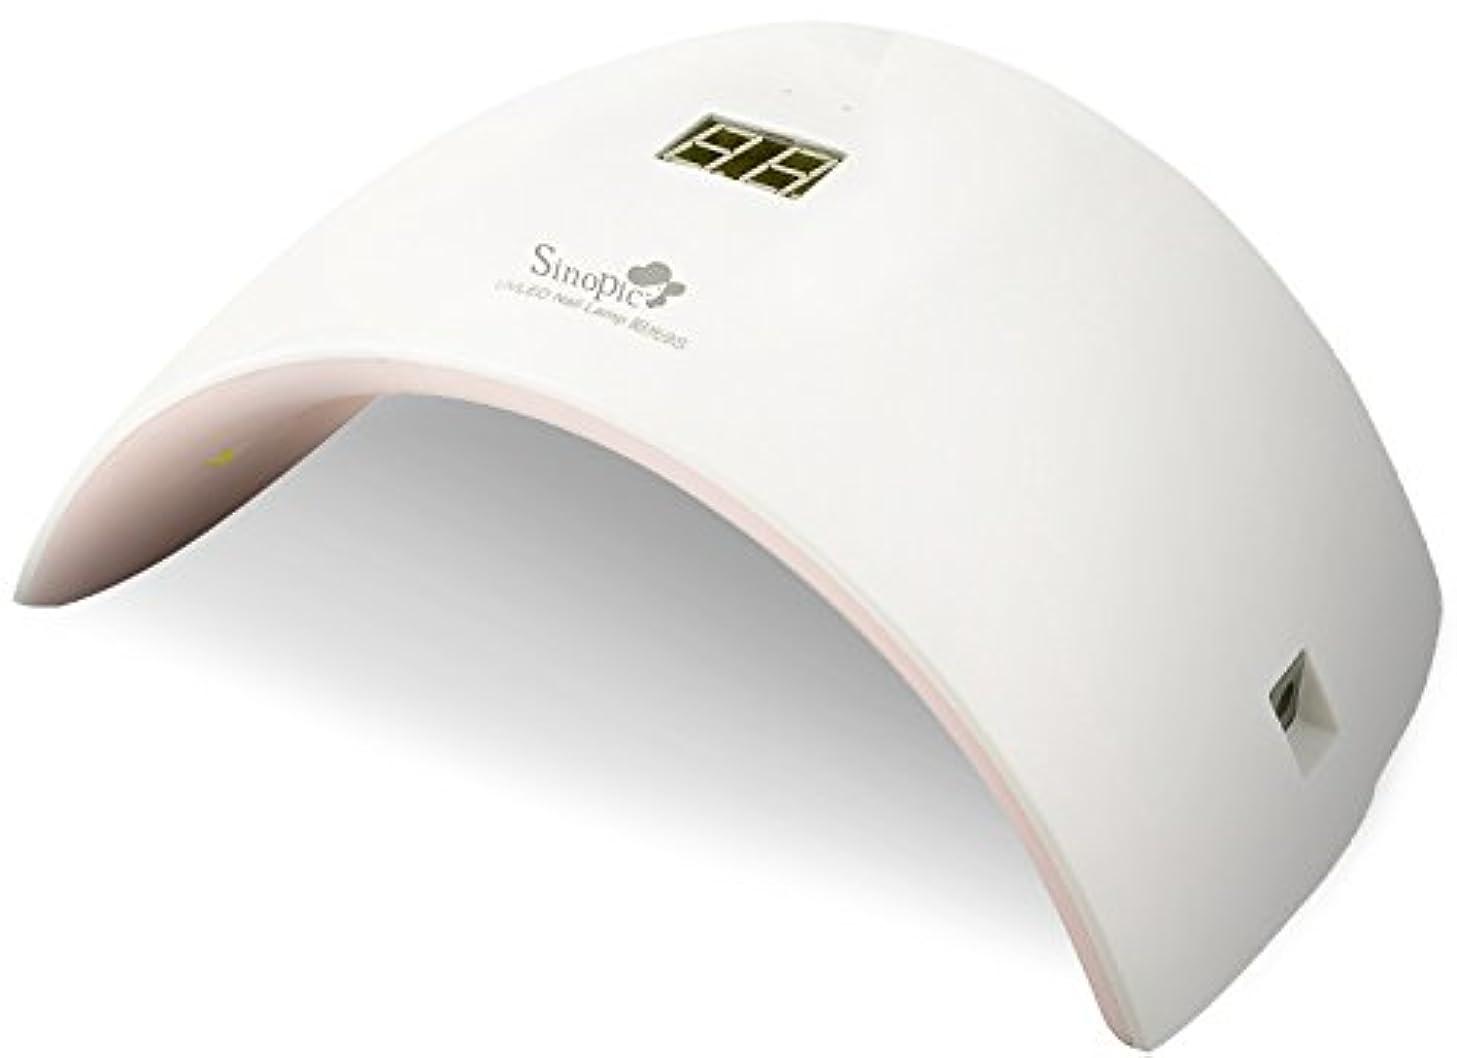 石化する振る舞い憤るSinopic ネイルドライヤー 硬化ライト 自動センサ式 UV+ LEDライト 24W ジェルネイル マニキュアゲル 赤外線感知 品番:9S